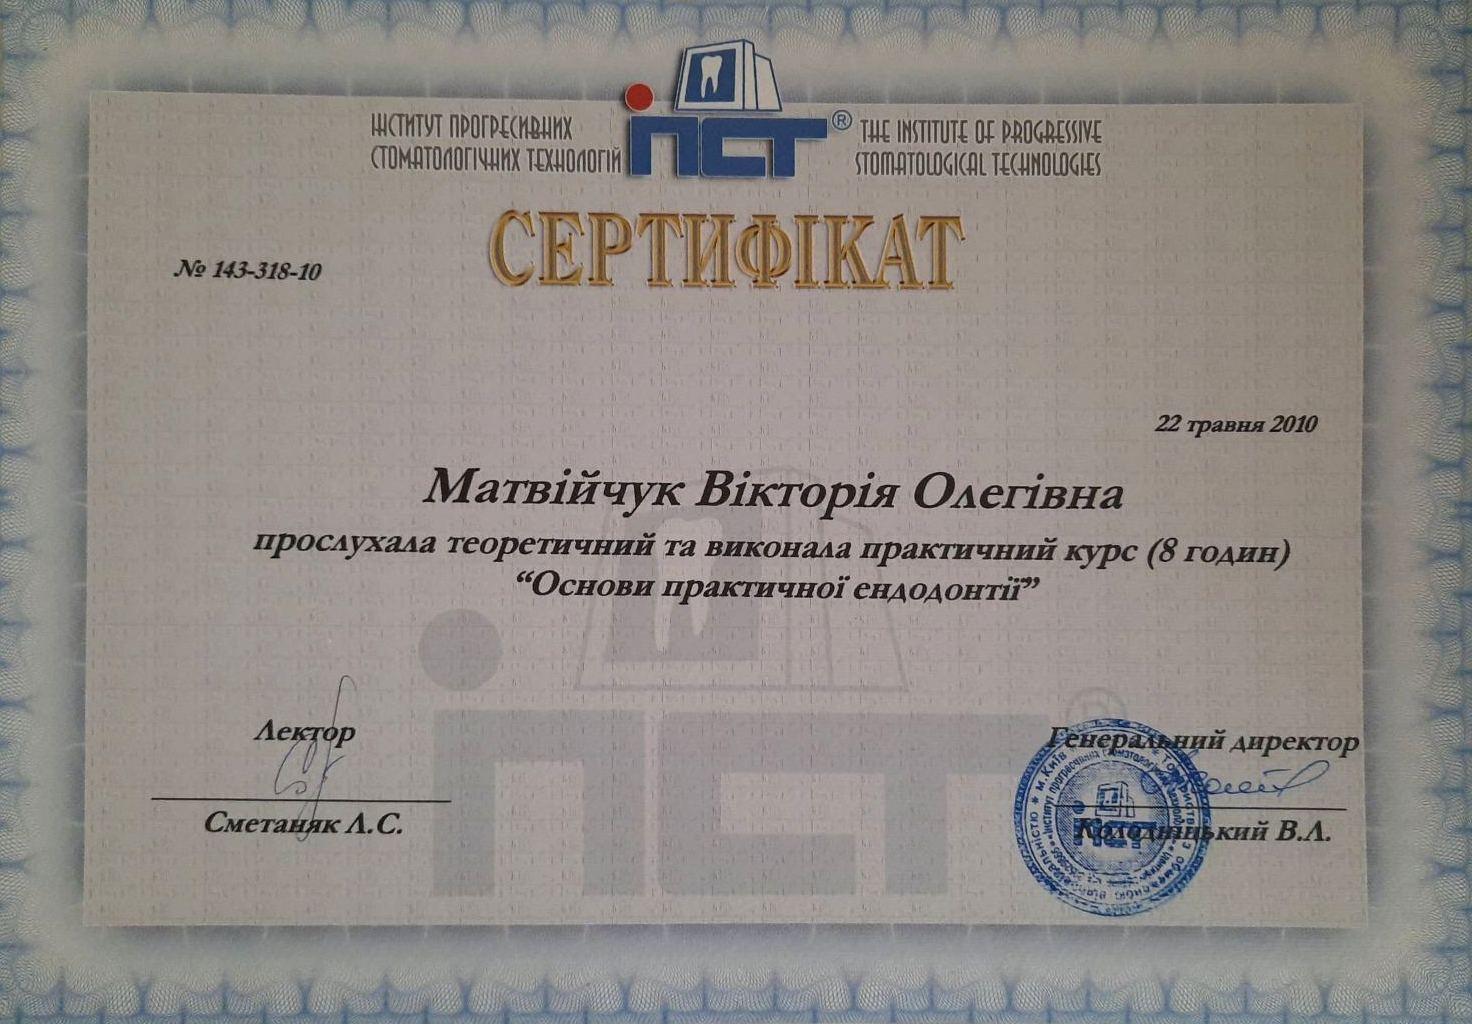 yzobrazhenye_viber_2021-04-01_15-49-40.jpg